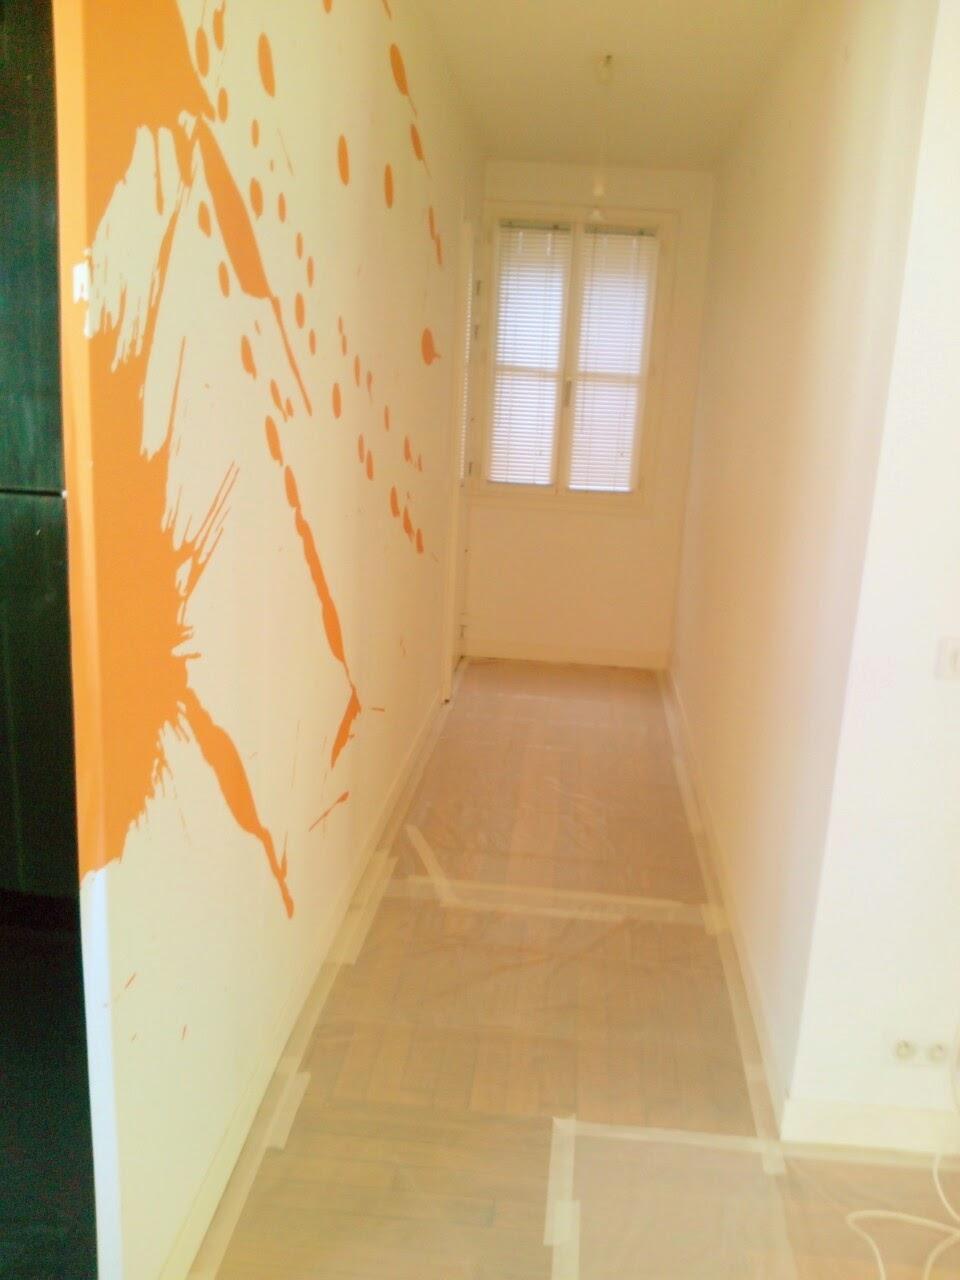 entreprise peinture paris peintres en batiment paris. Black Bedroom Furniture Sets. Home Design Ideas